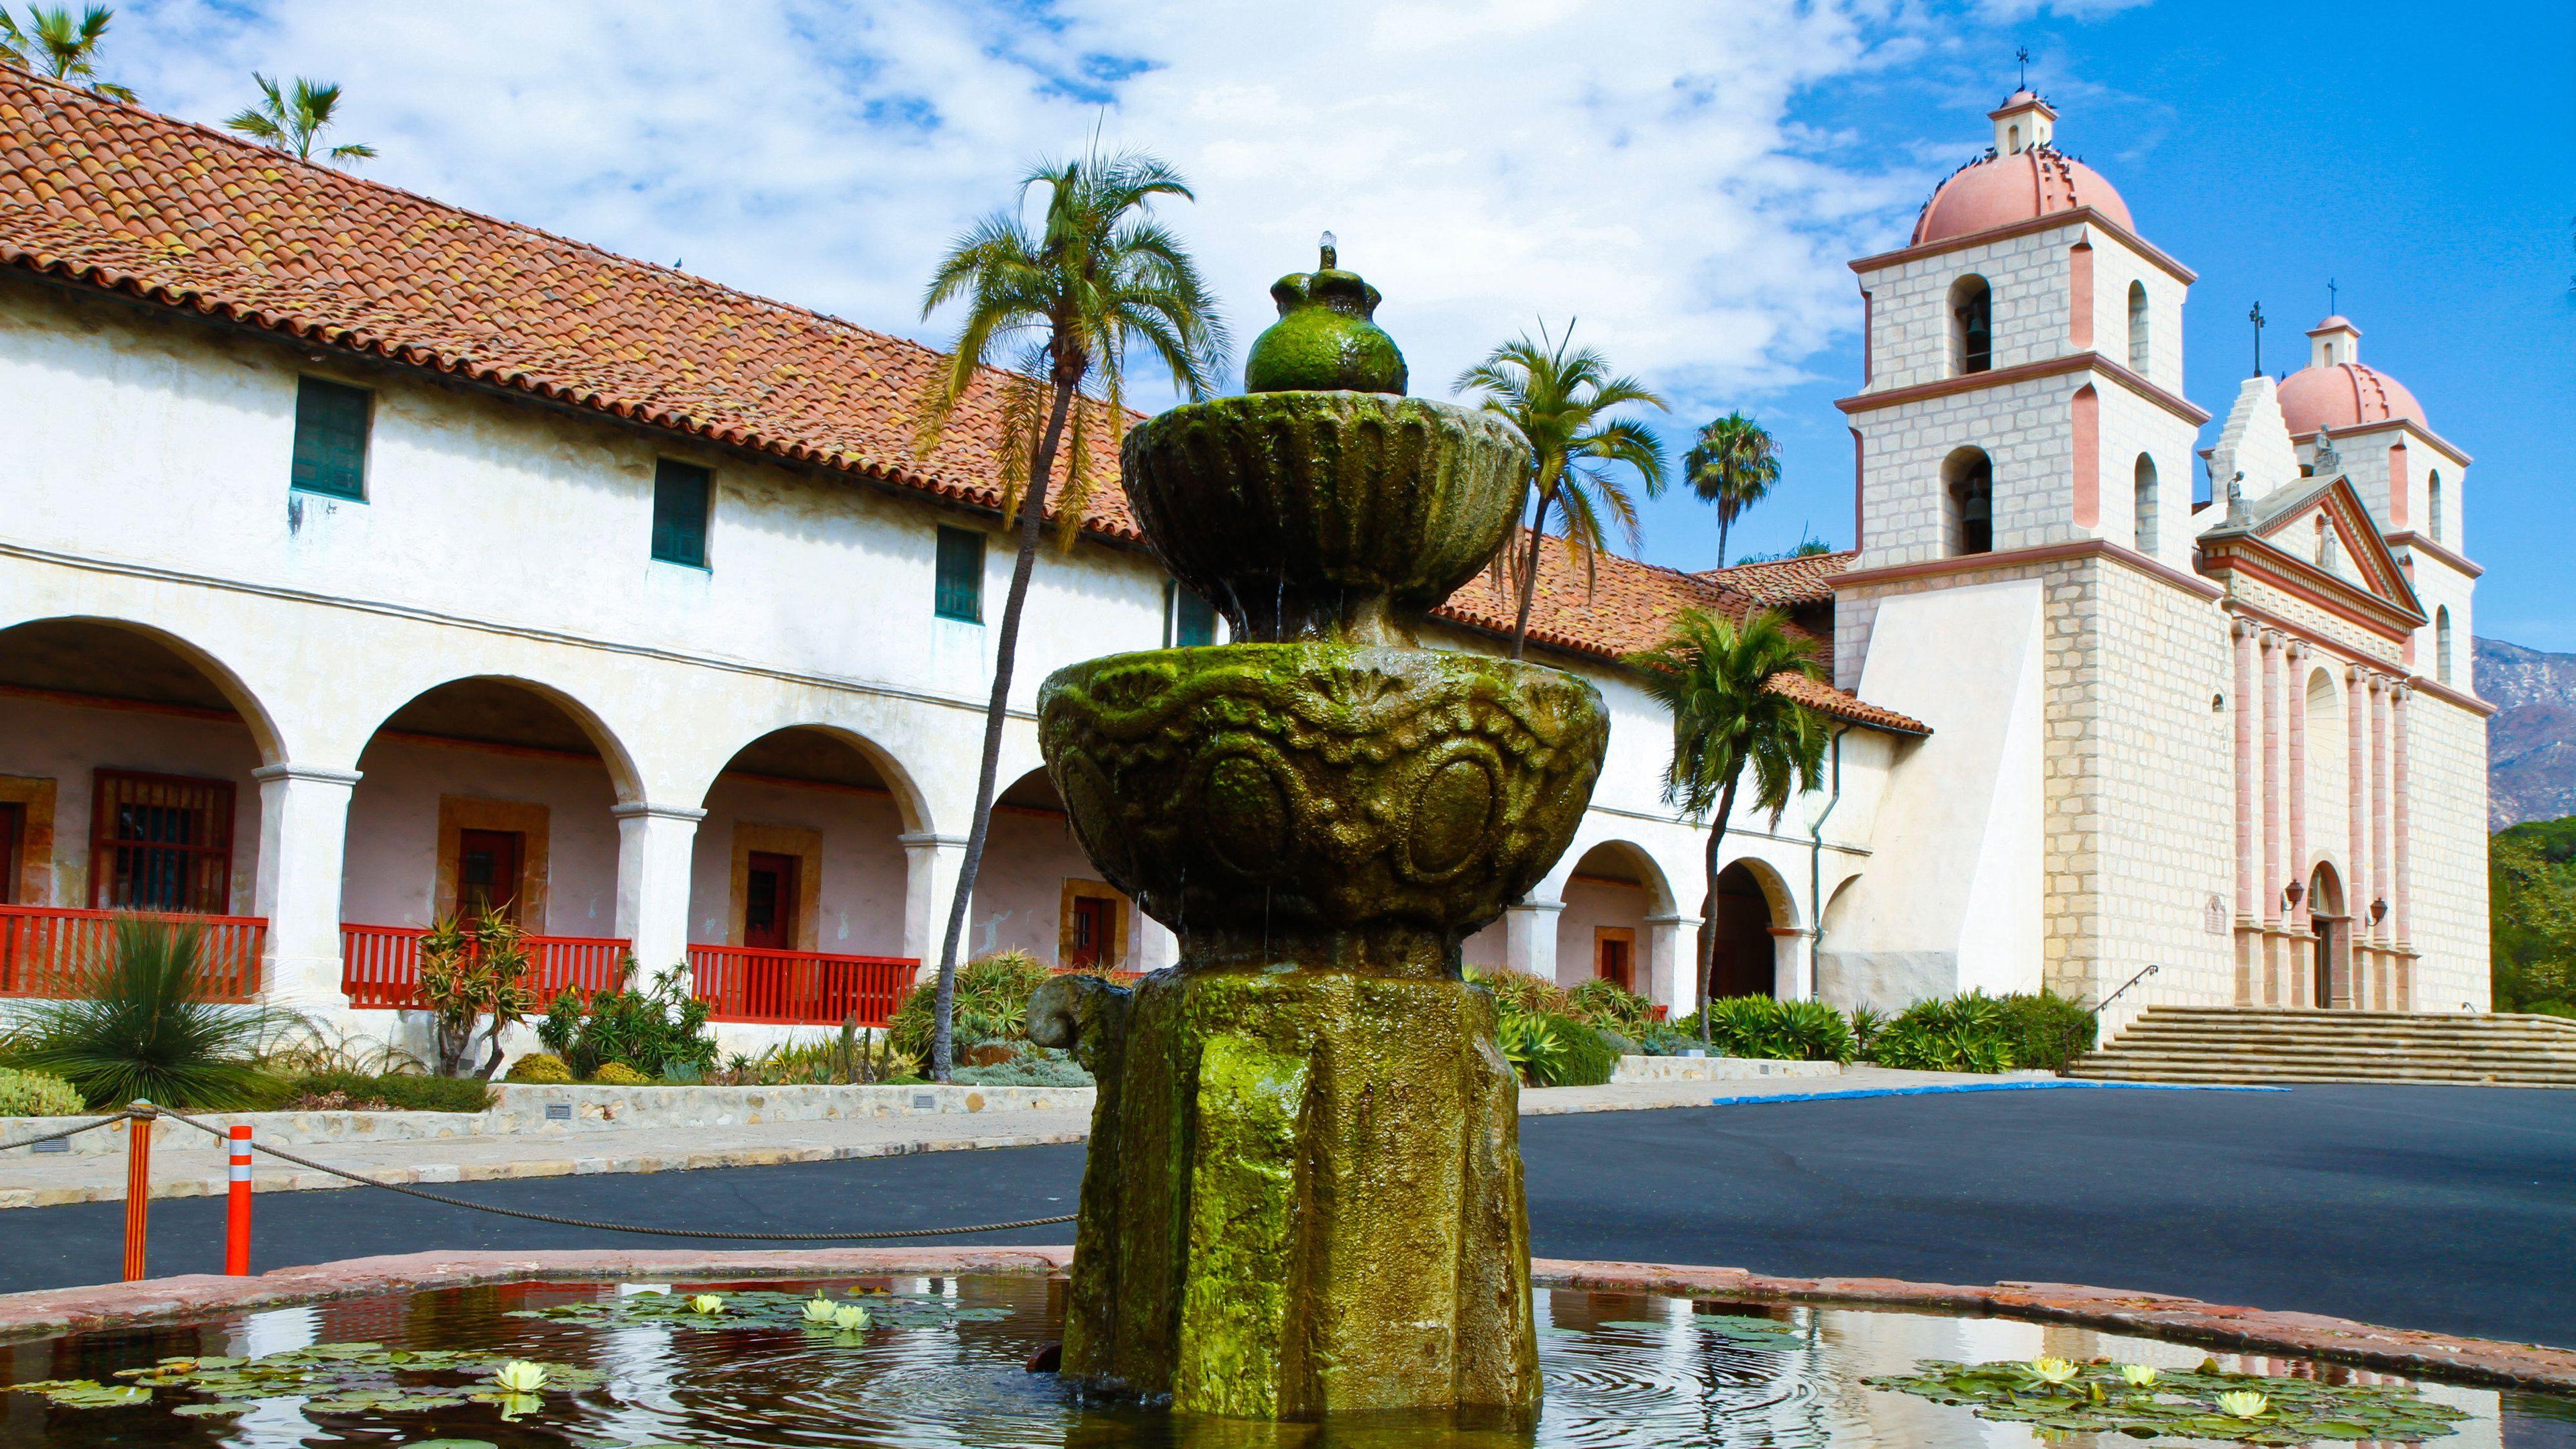 Santa Barbara, Solvang & Hearst Castle Day